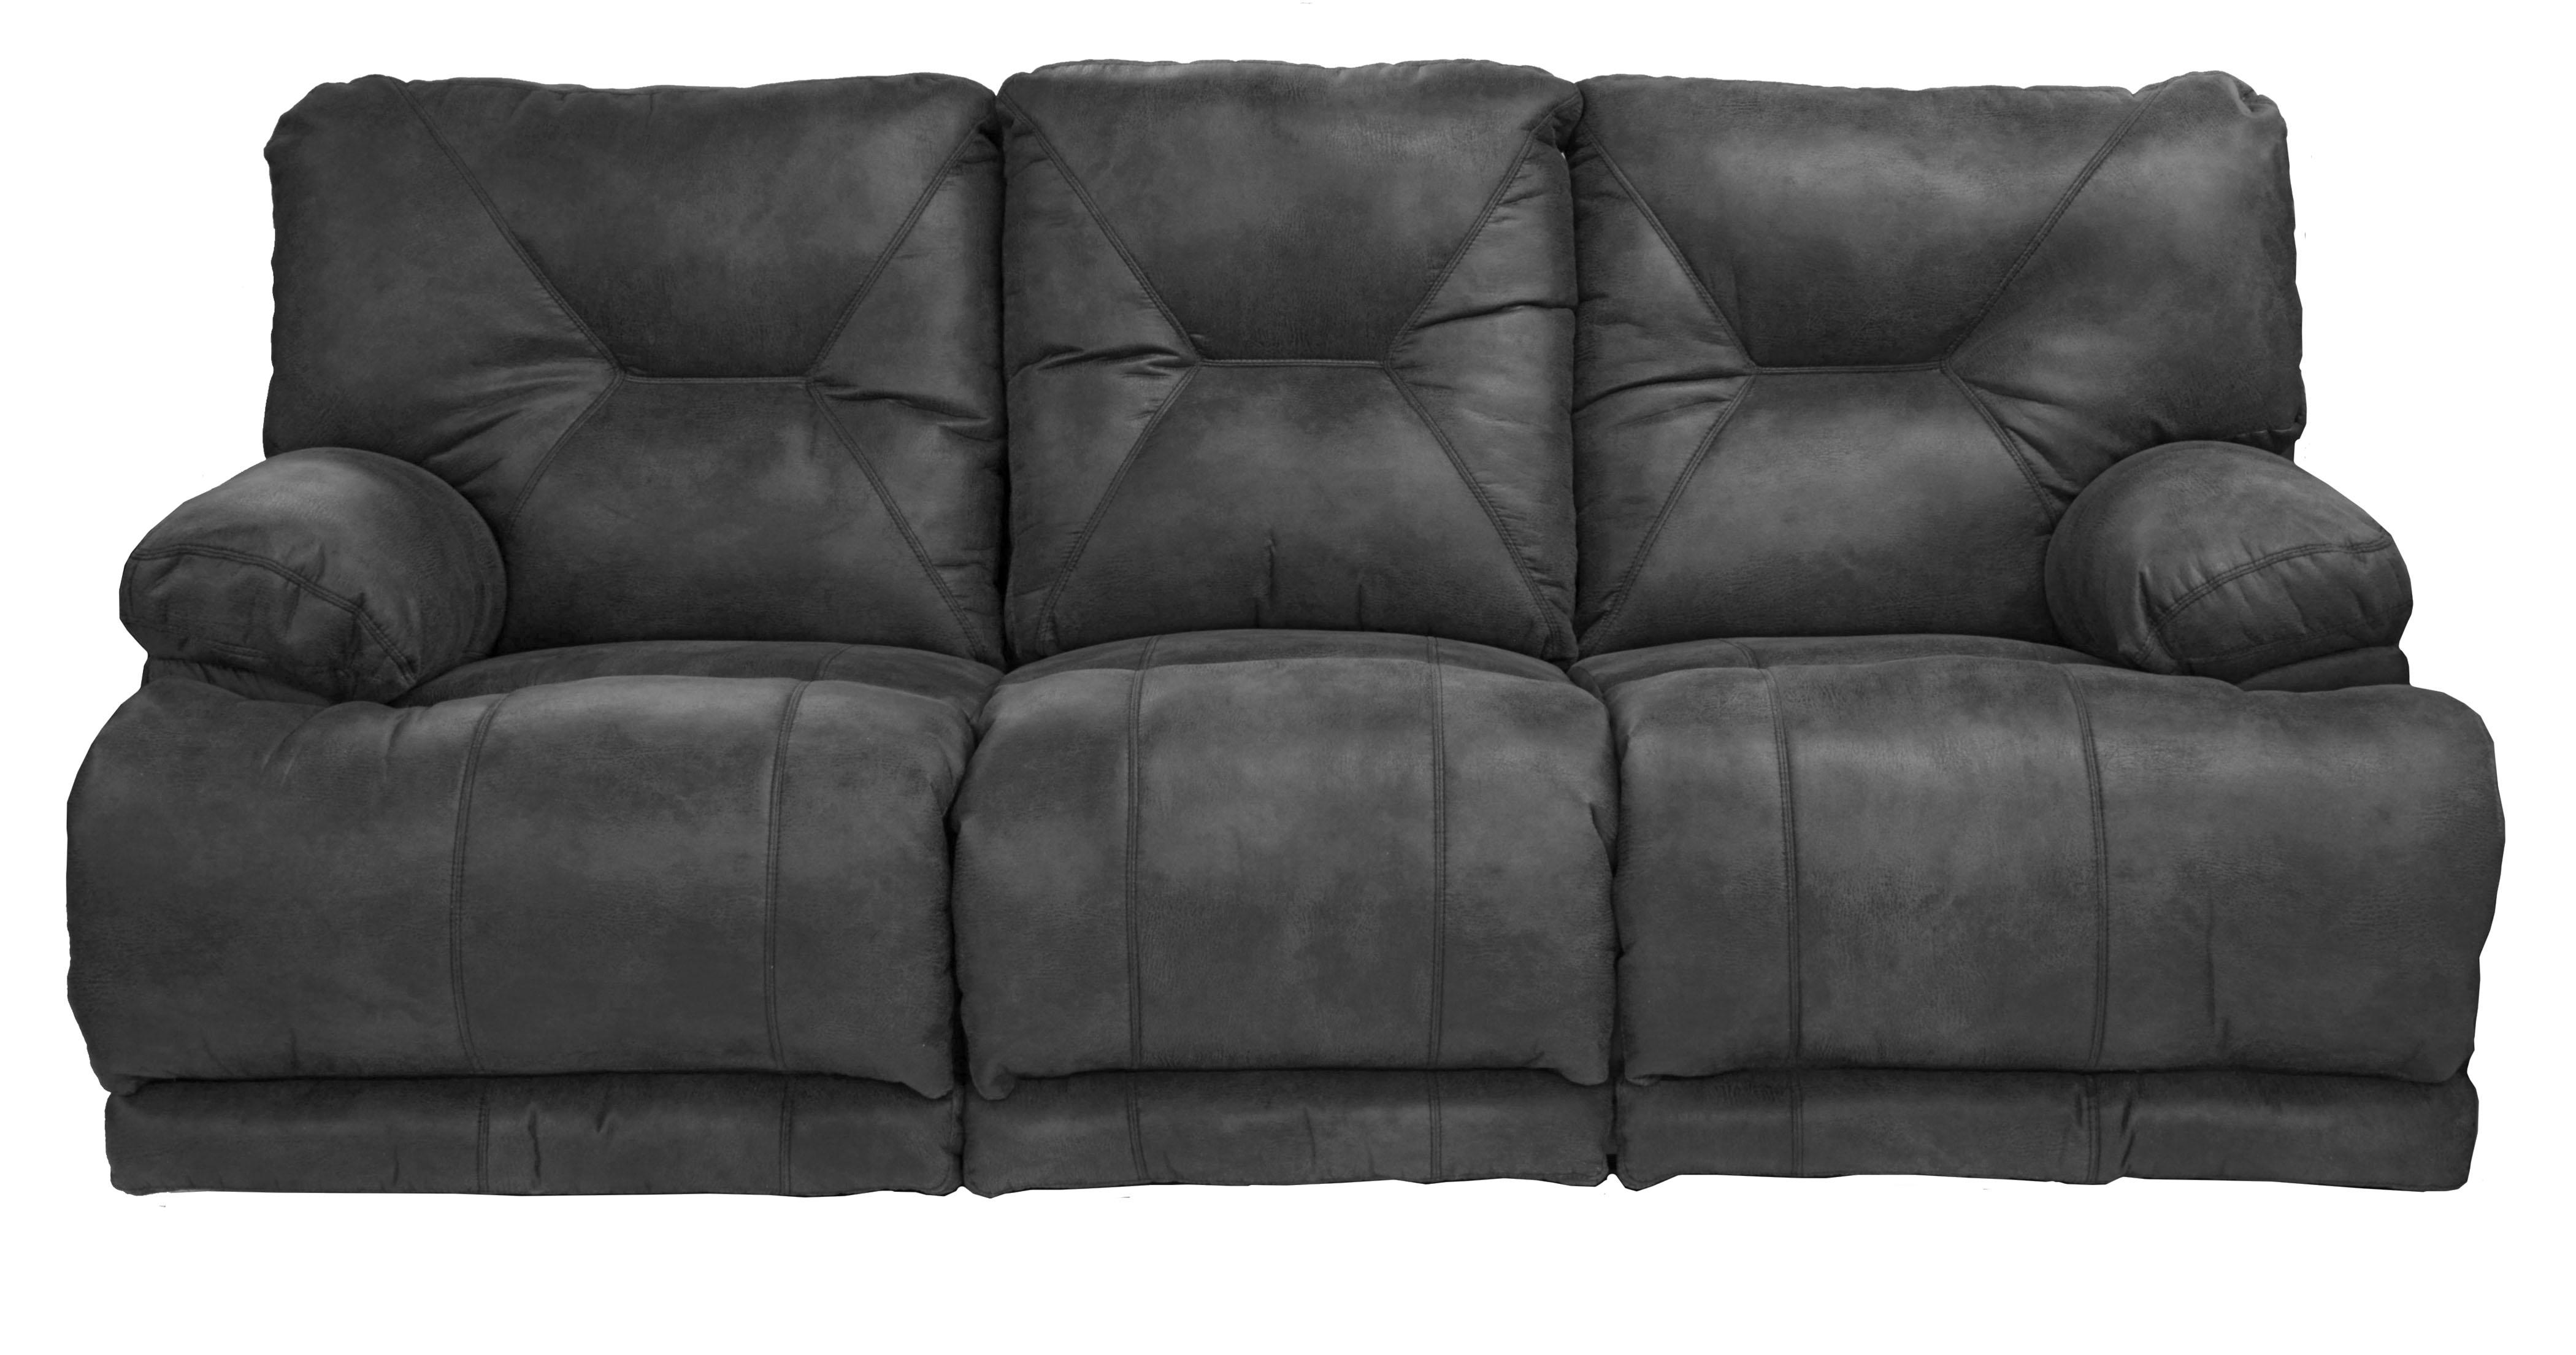 438 Voyager Sofa in Slate